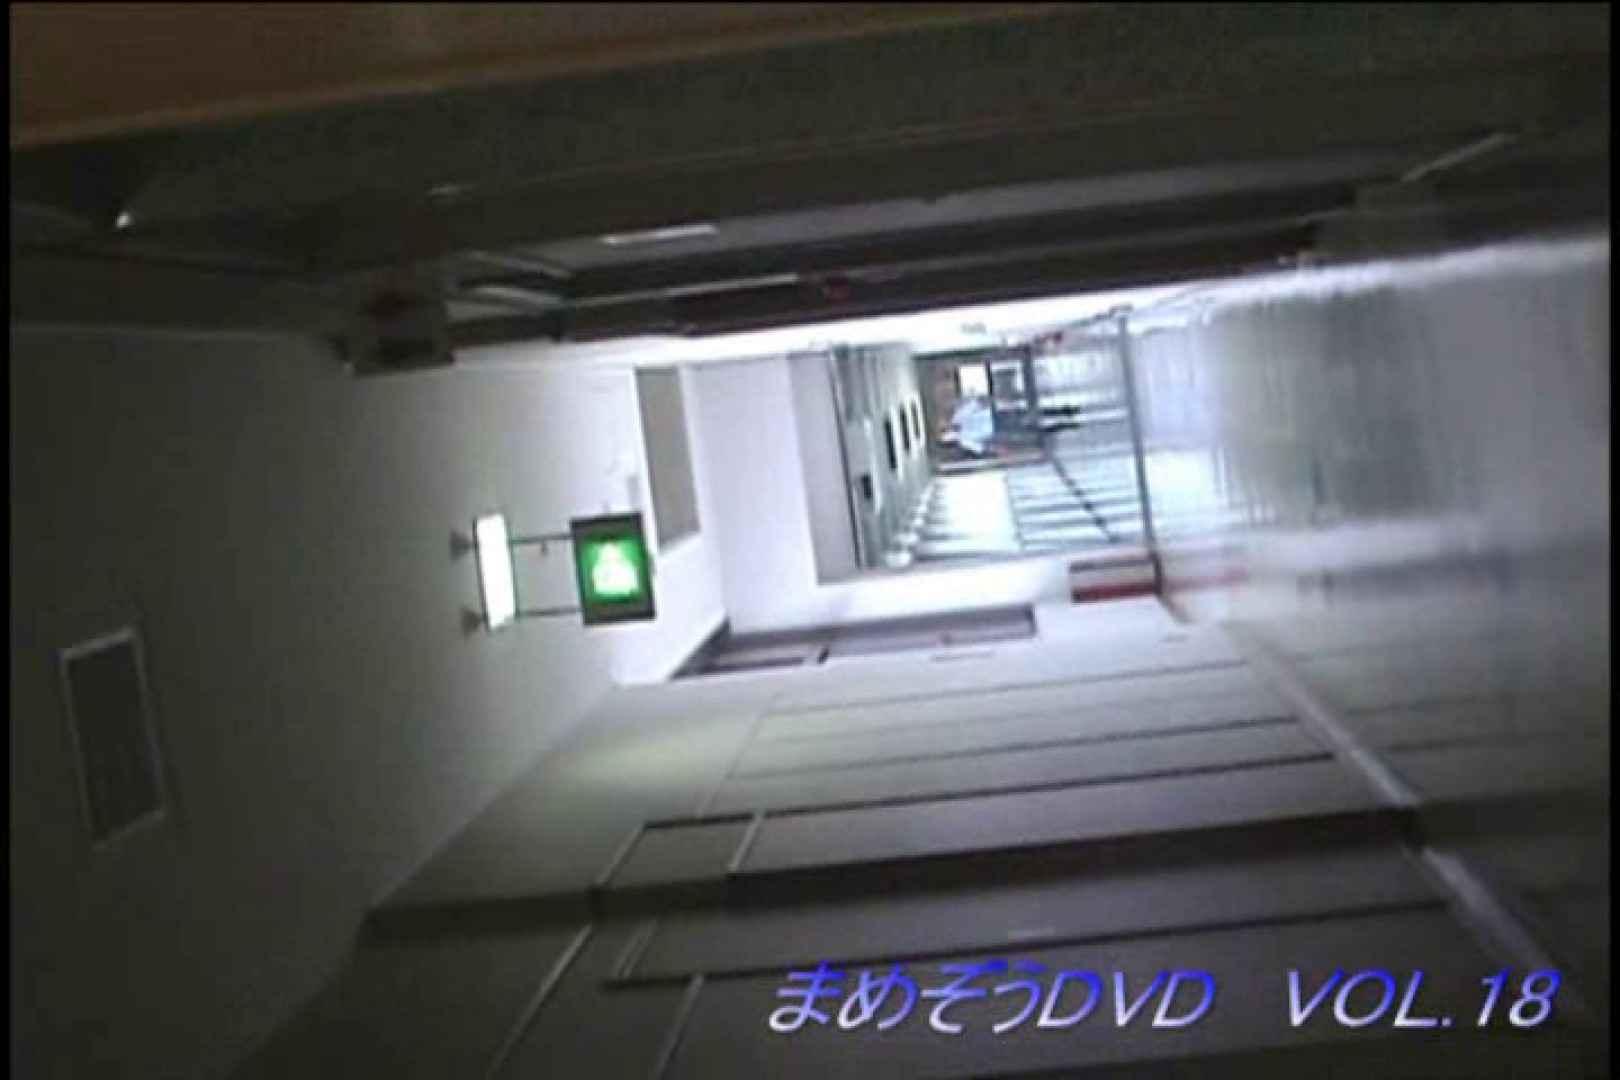 まめぞうDVD完全版VOL.18 ギャル盗撮映像   OLのボディ  76PIX 27